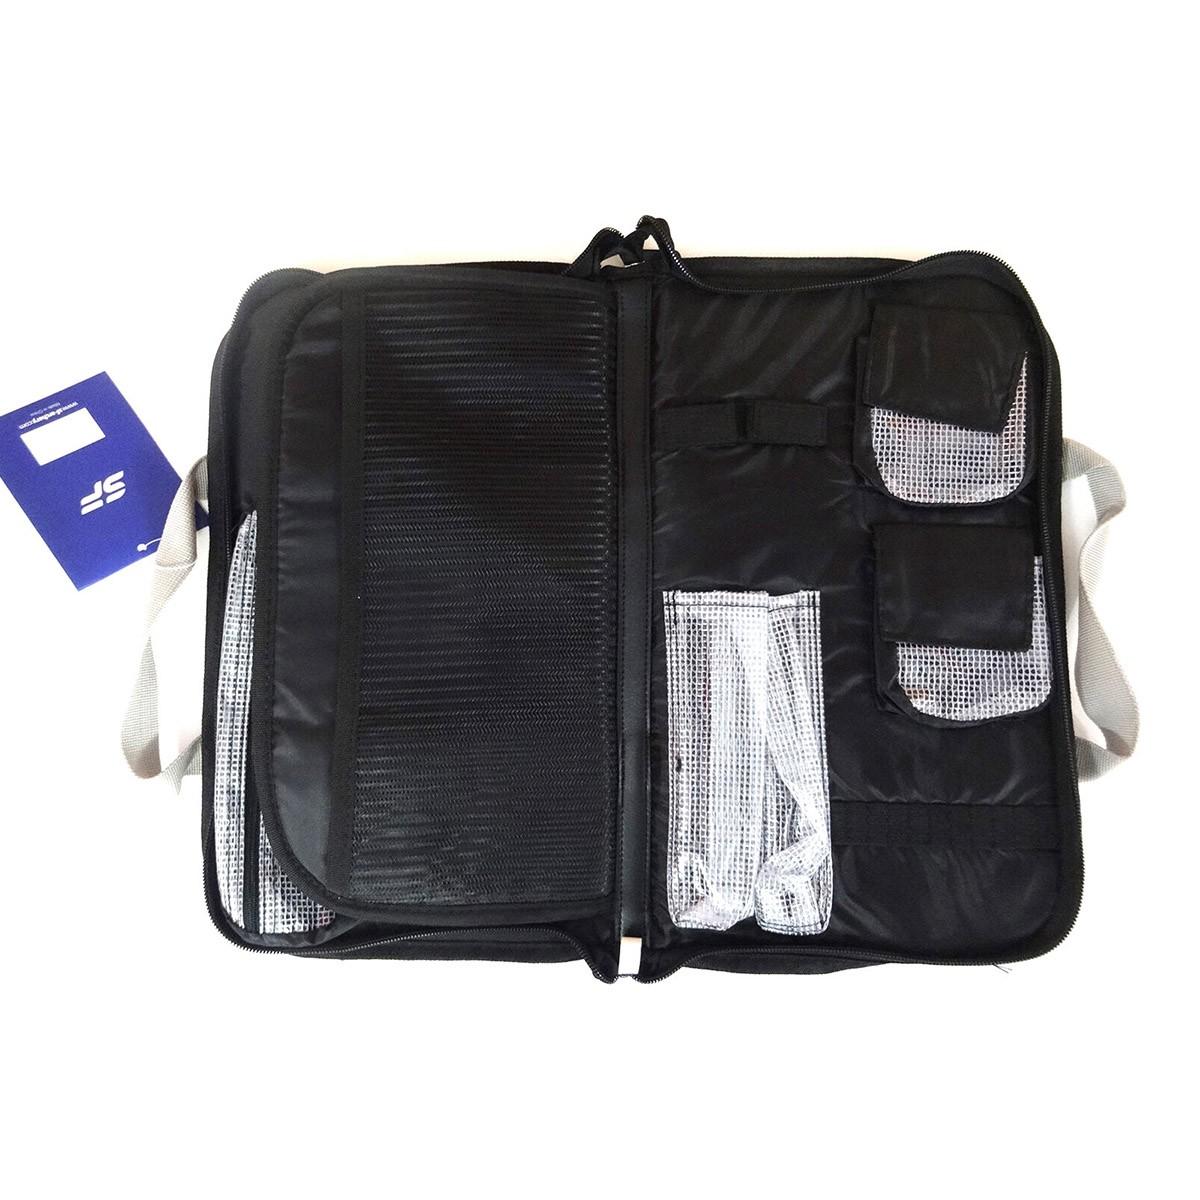 Органайзер SF Archery Premium Accessory Bag синий (витринный экземпляр)